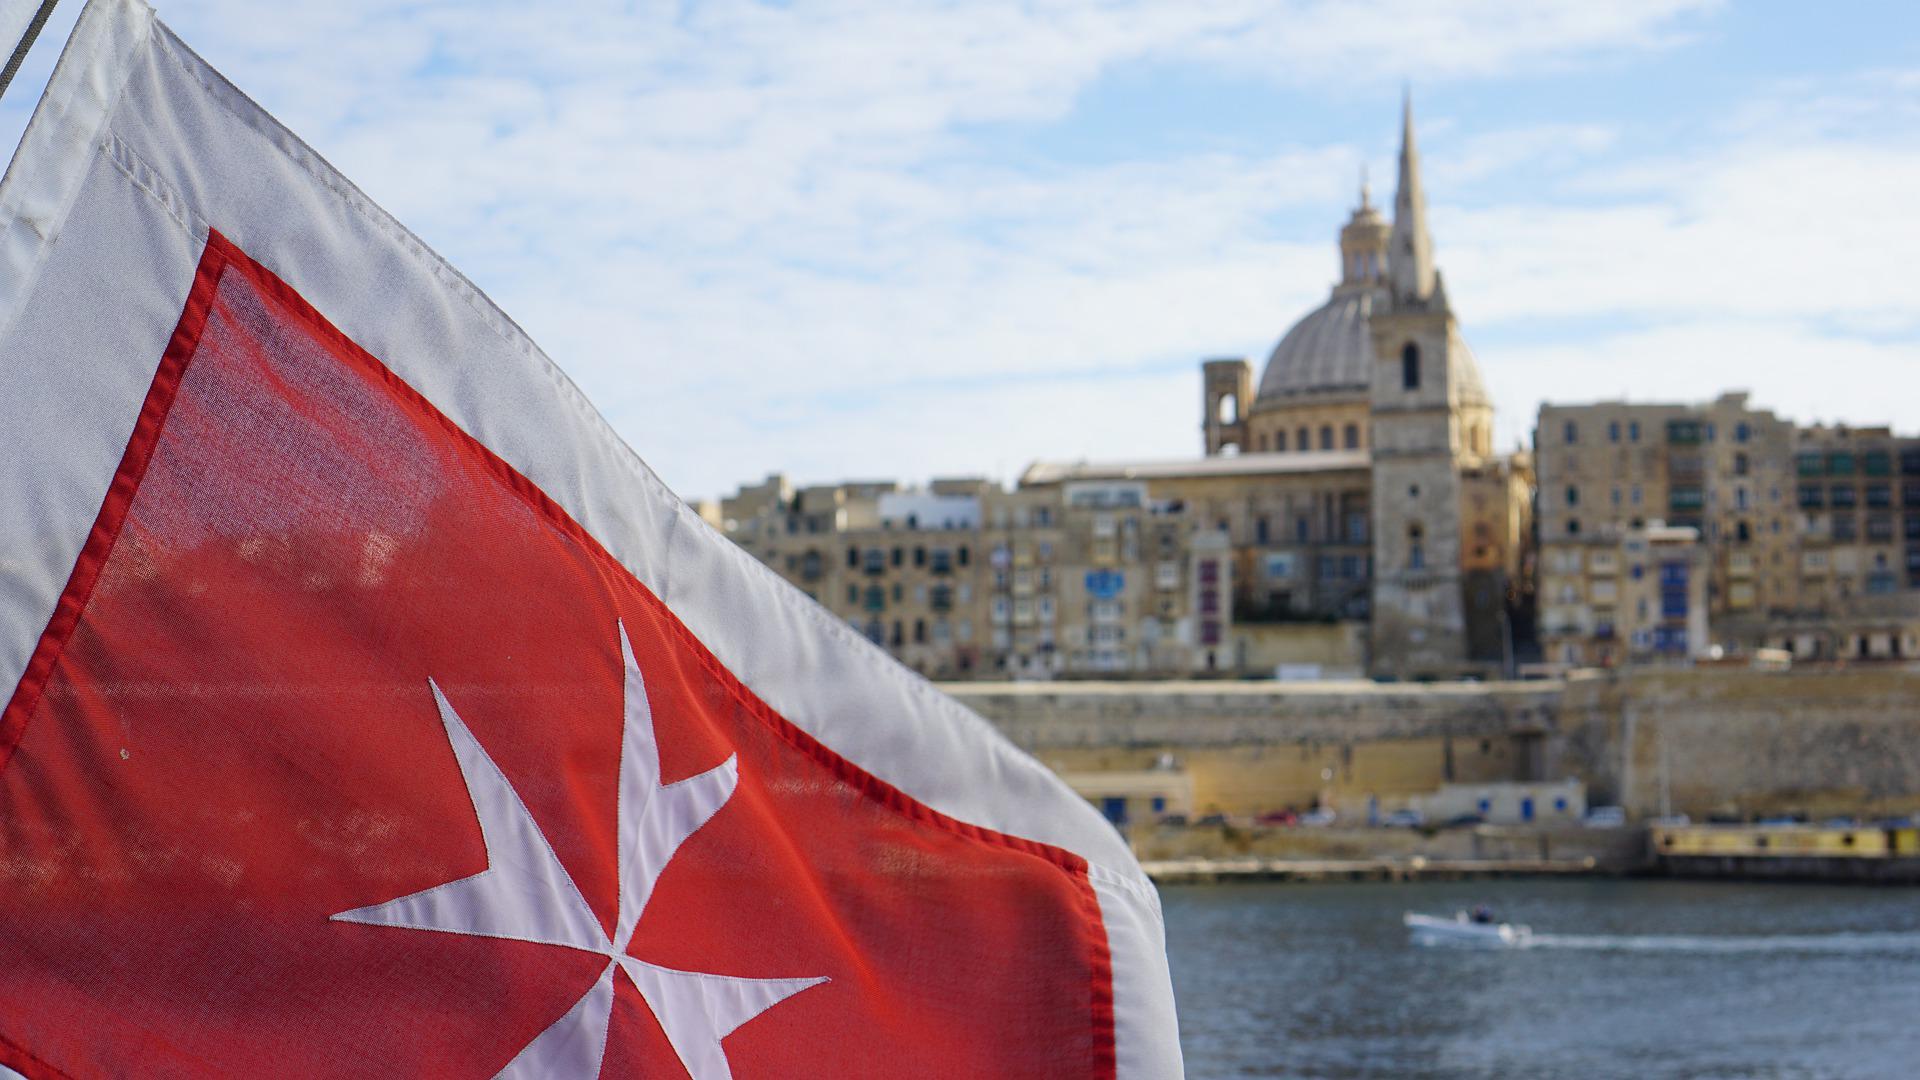 Еврокомиссия собирается начать судебное разбирательство против инвестиционного гражданства Мальты